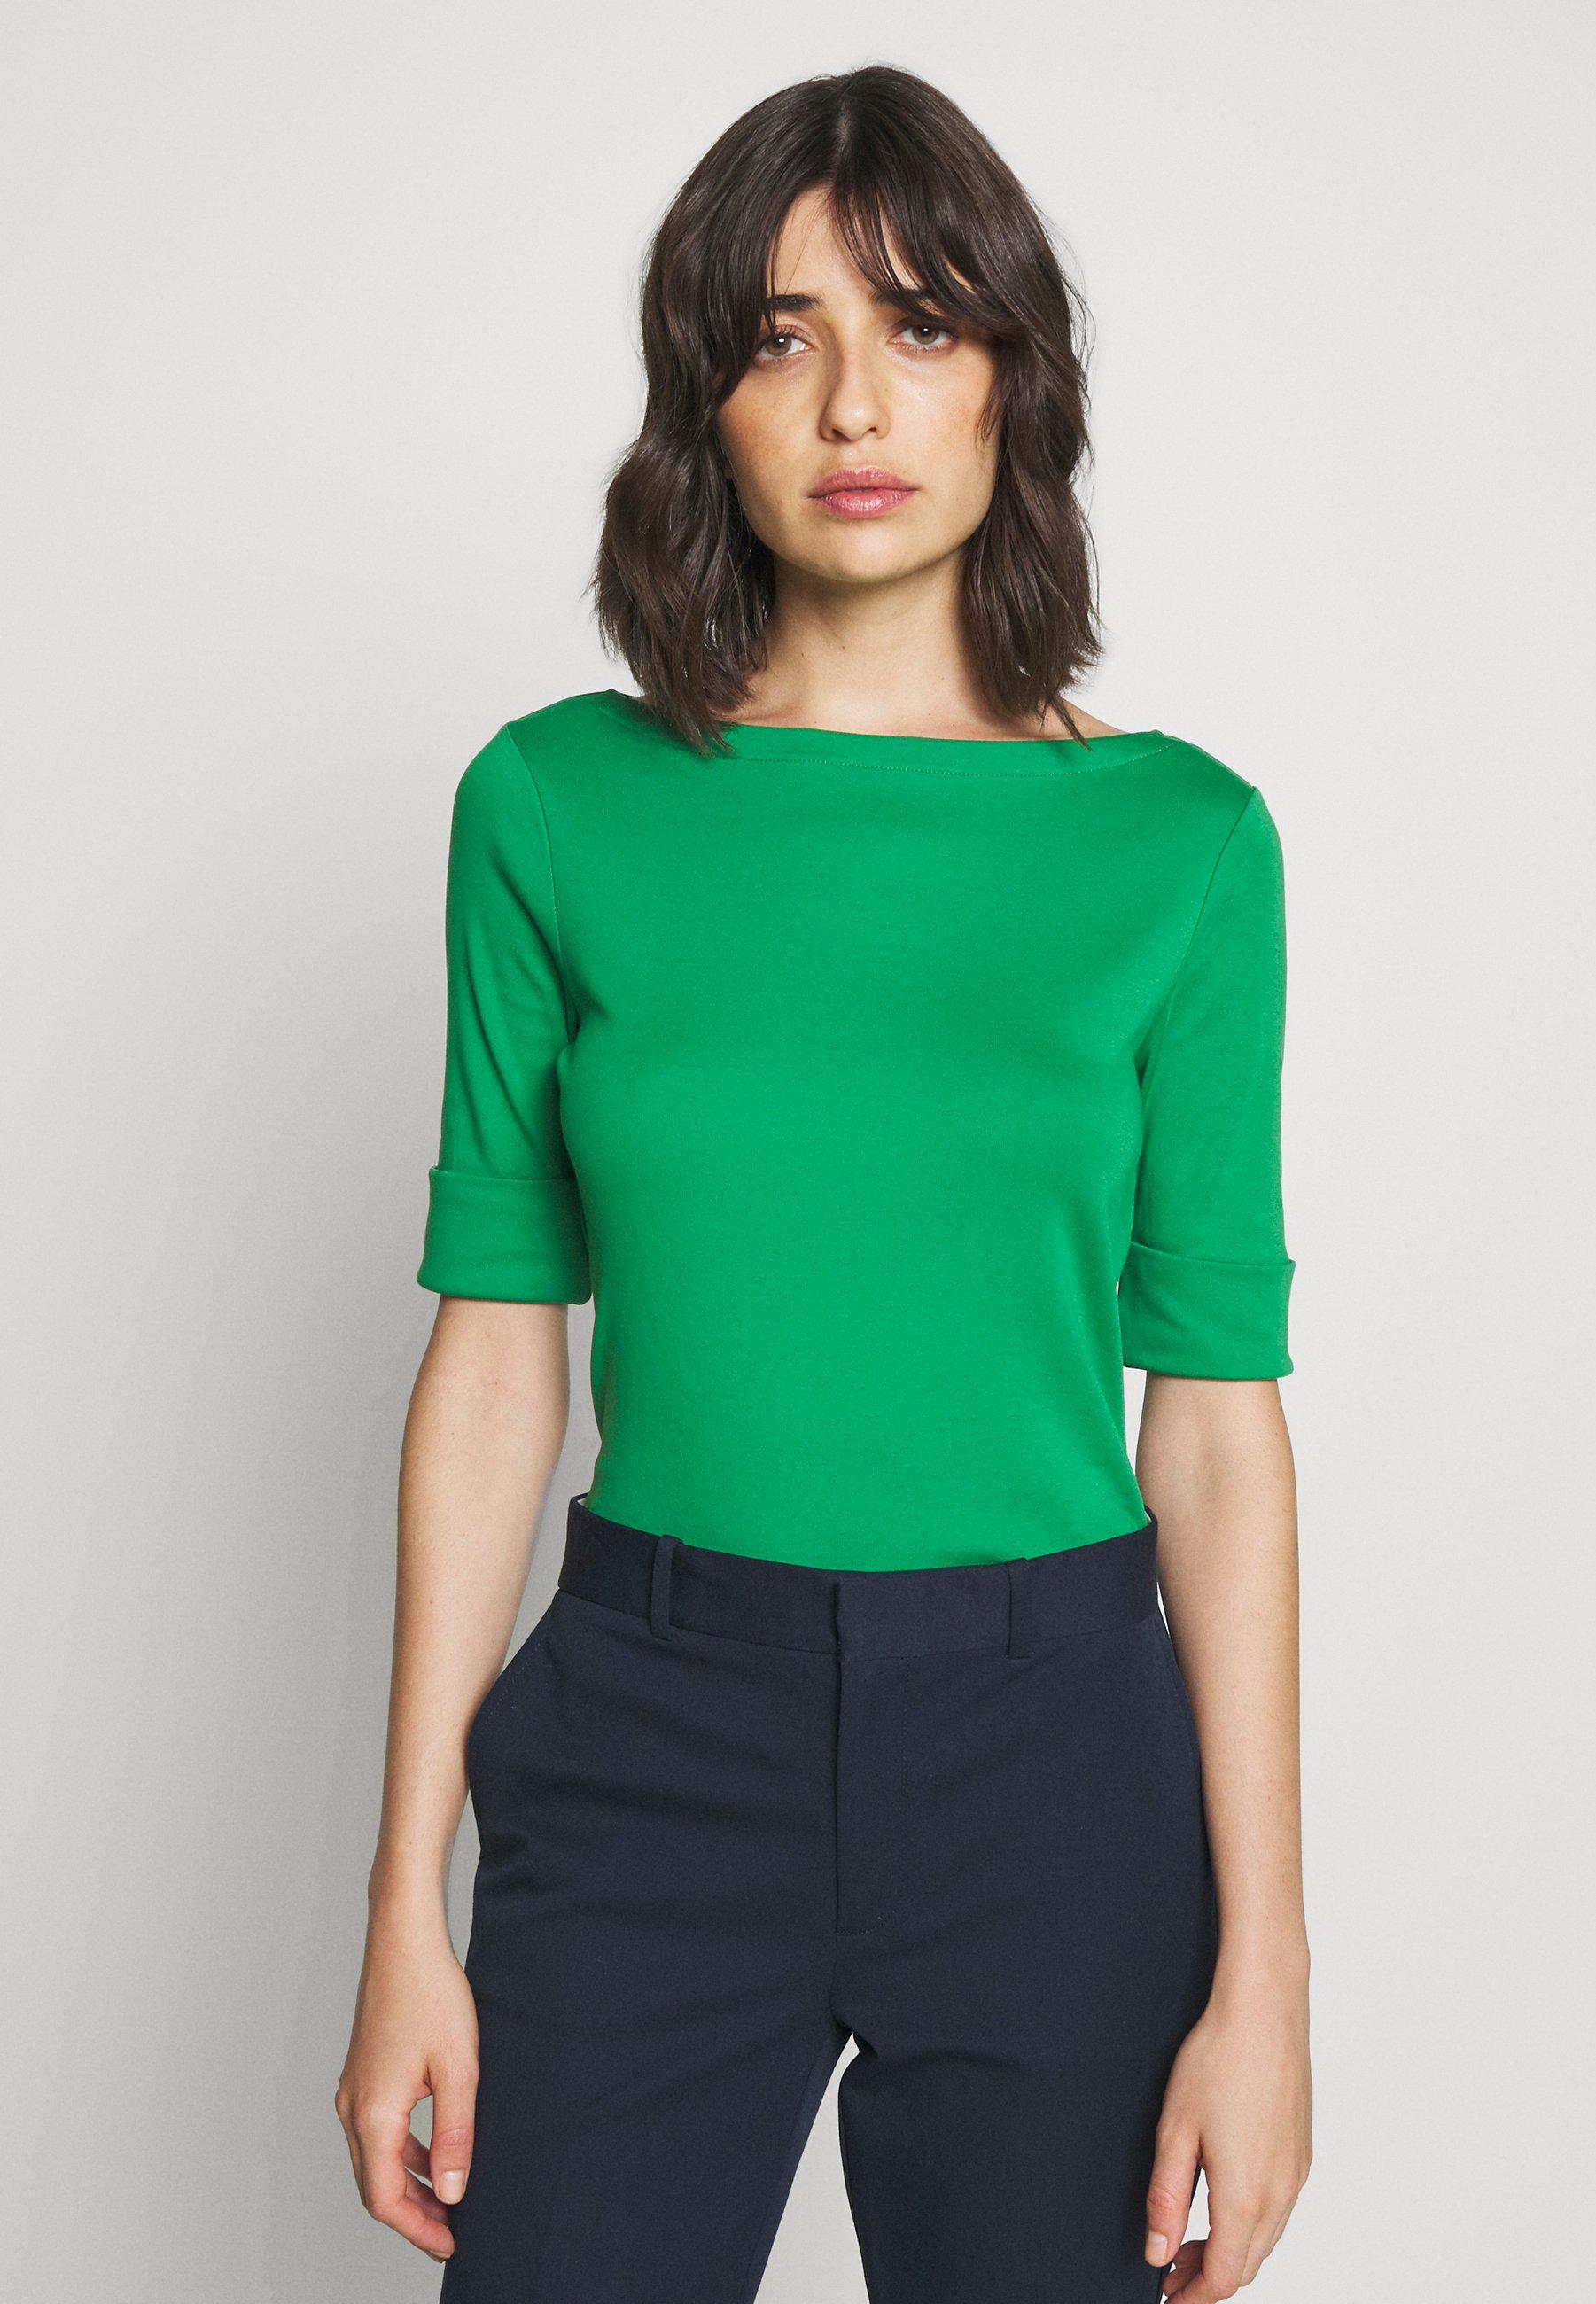 Lauren Ralph Lauren T-shirts - hedge green